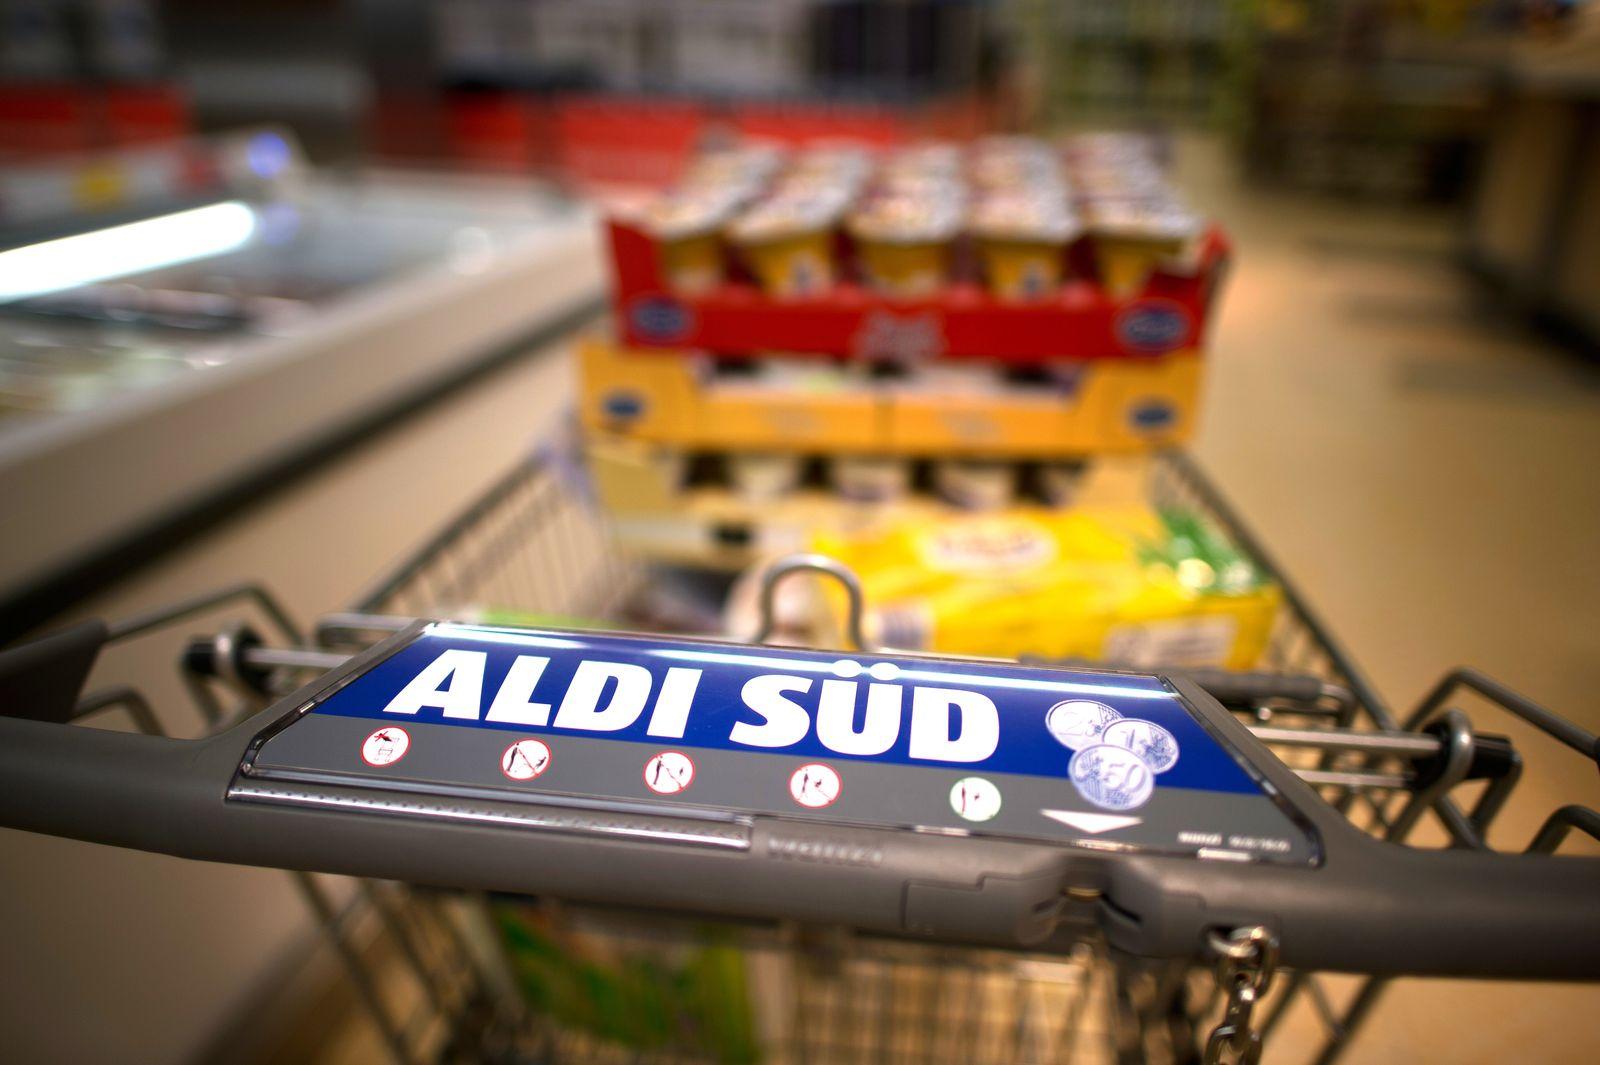 Aldi Süd / Discounter Schick / Alte Filiale